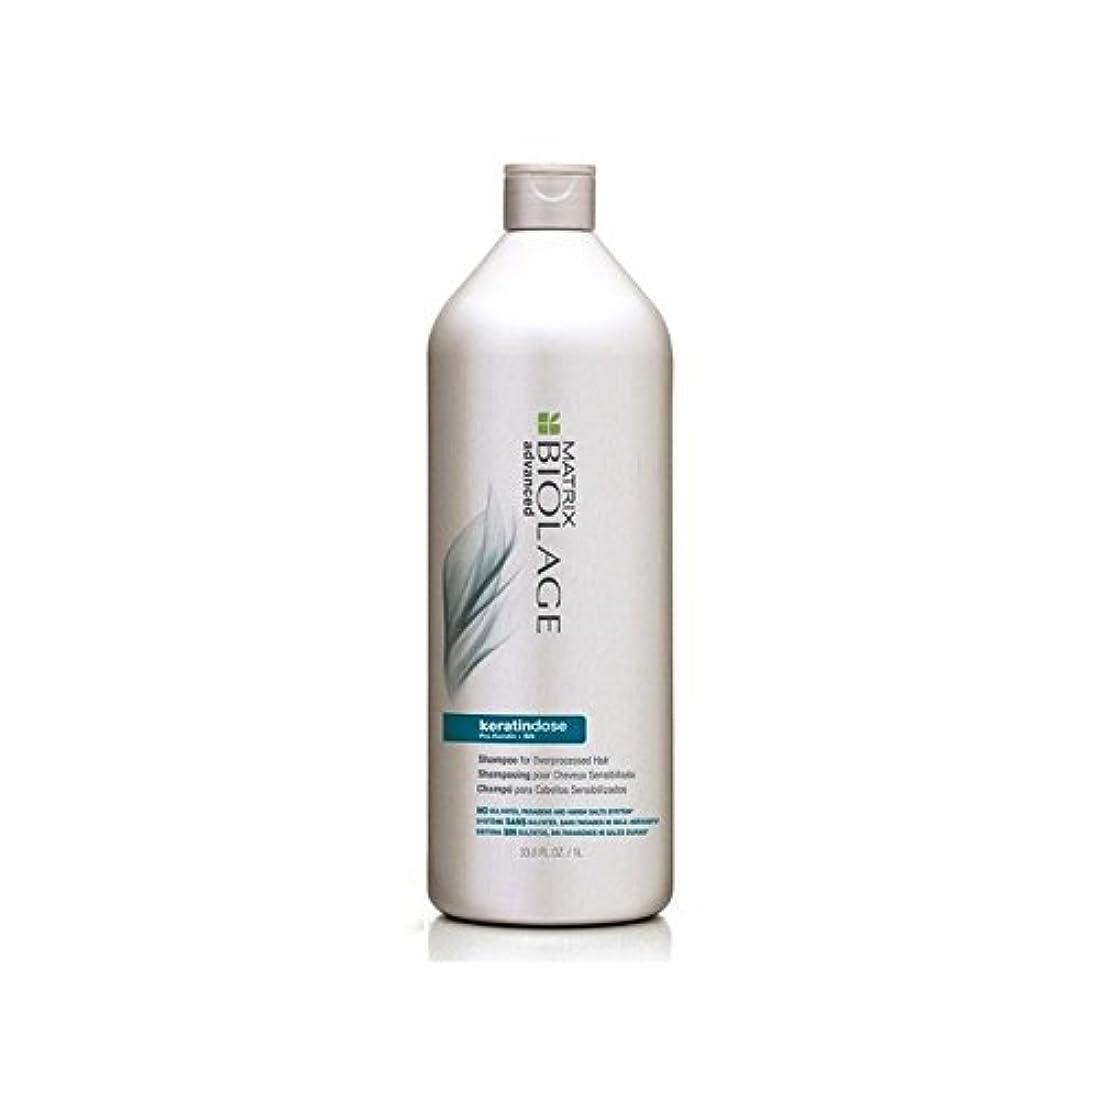 司法煙突シガレットマトリックスバイオレイジシャンプー(千ミリリットル) x4 - Matrix Biolage Keratindose Shampoo (1000ml) (Pack of 4) [並行輸入品]